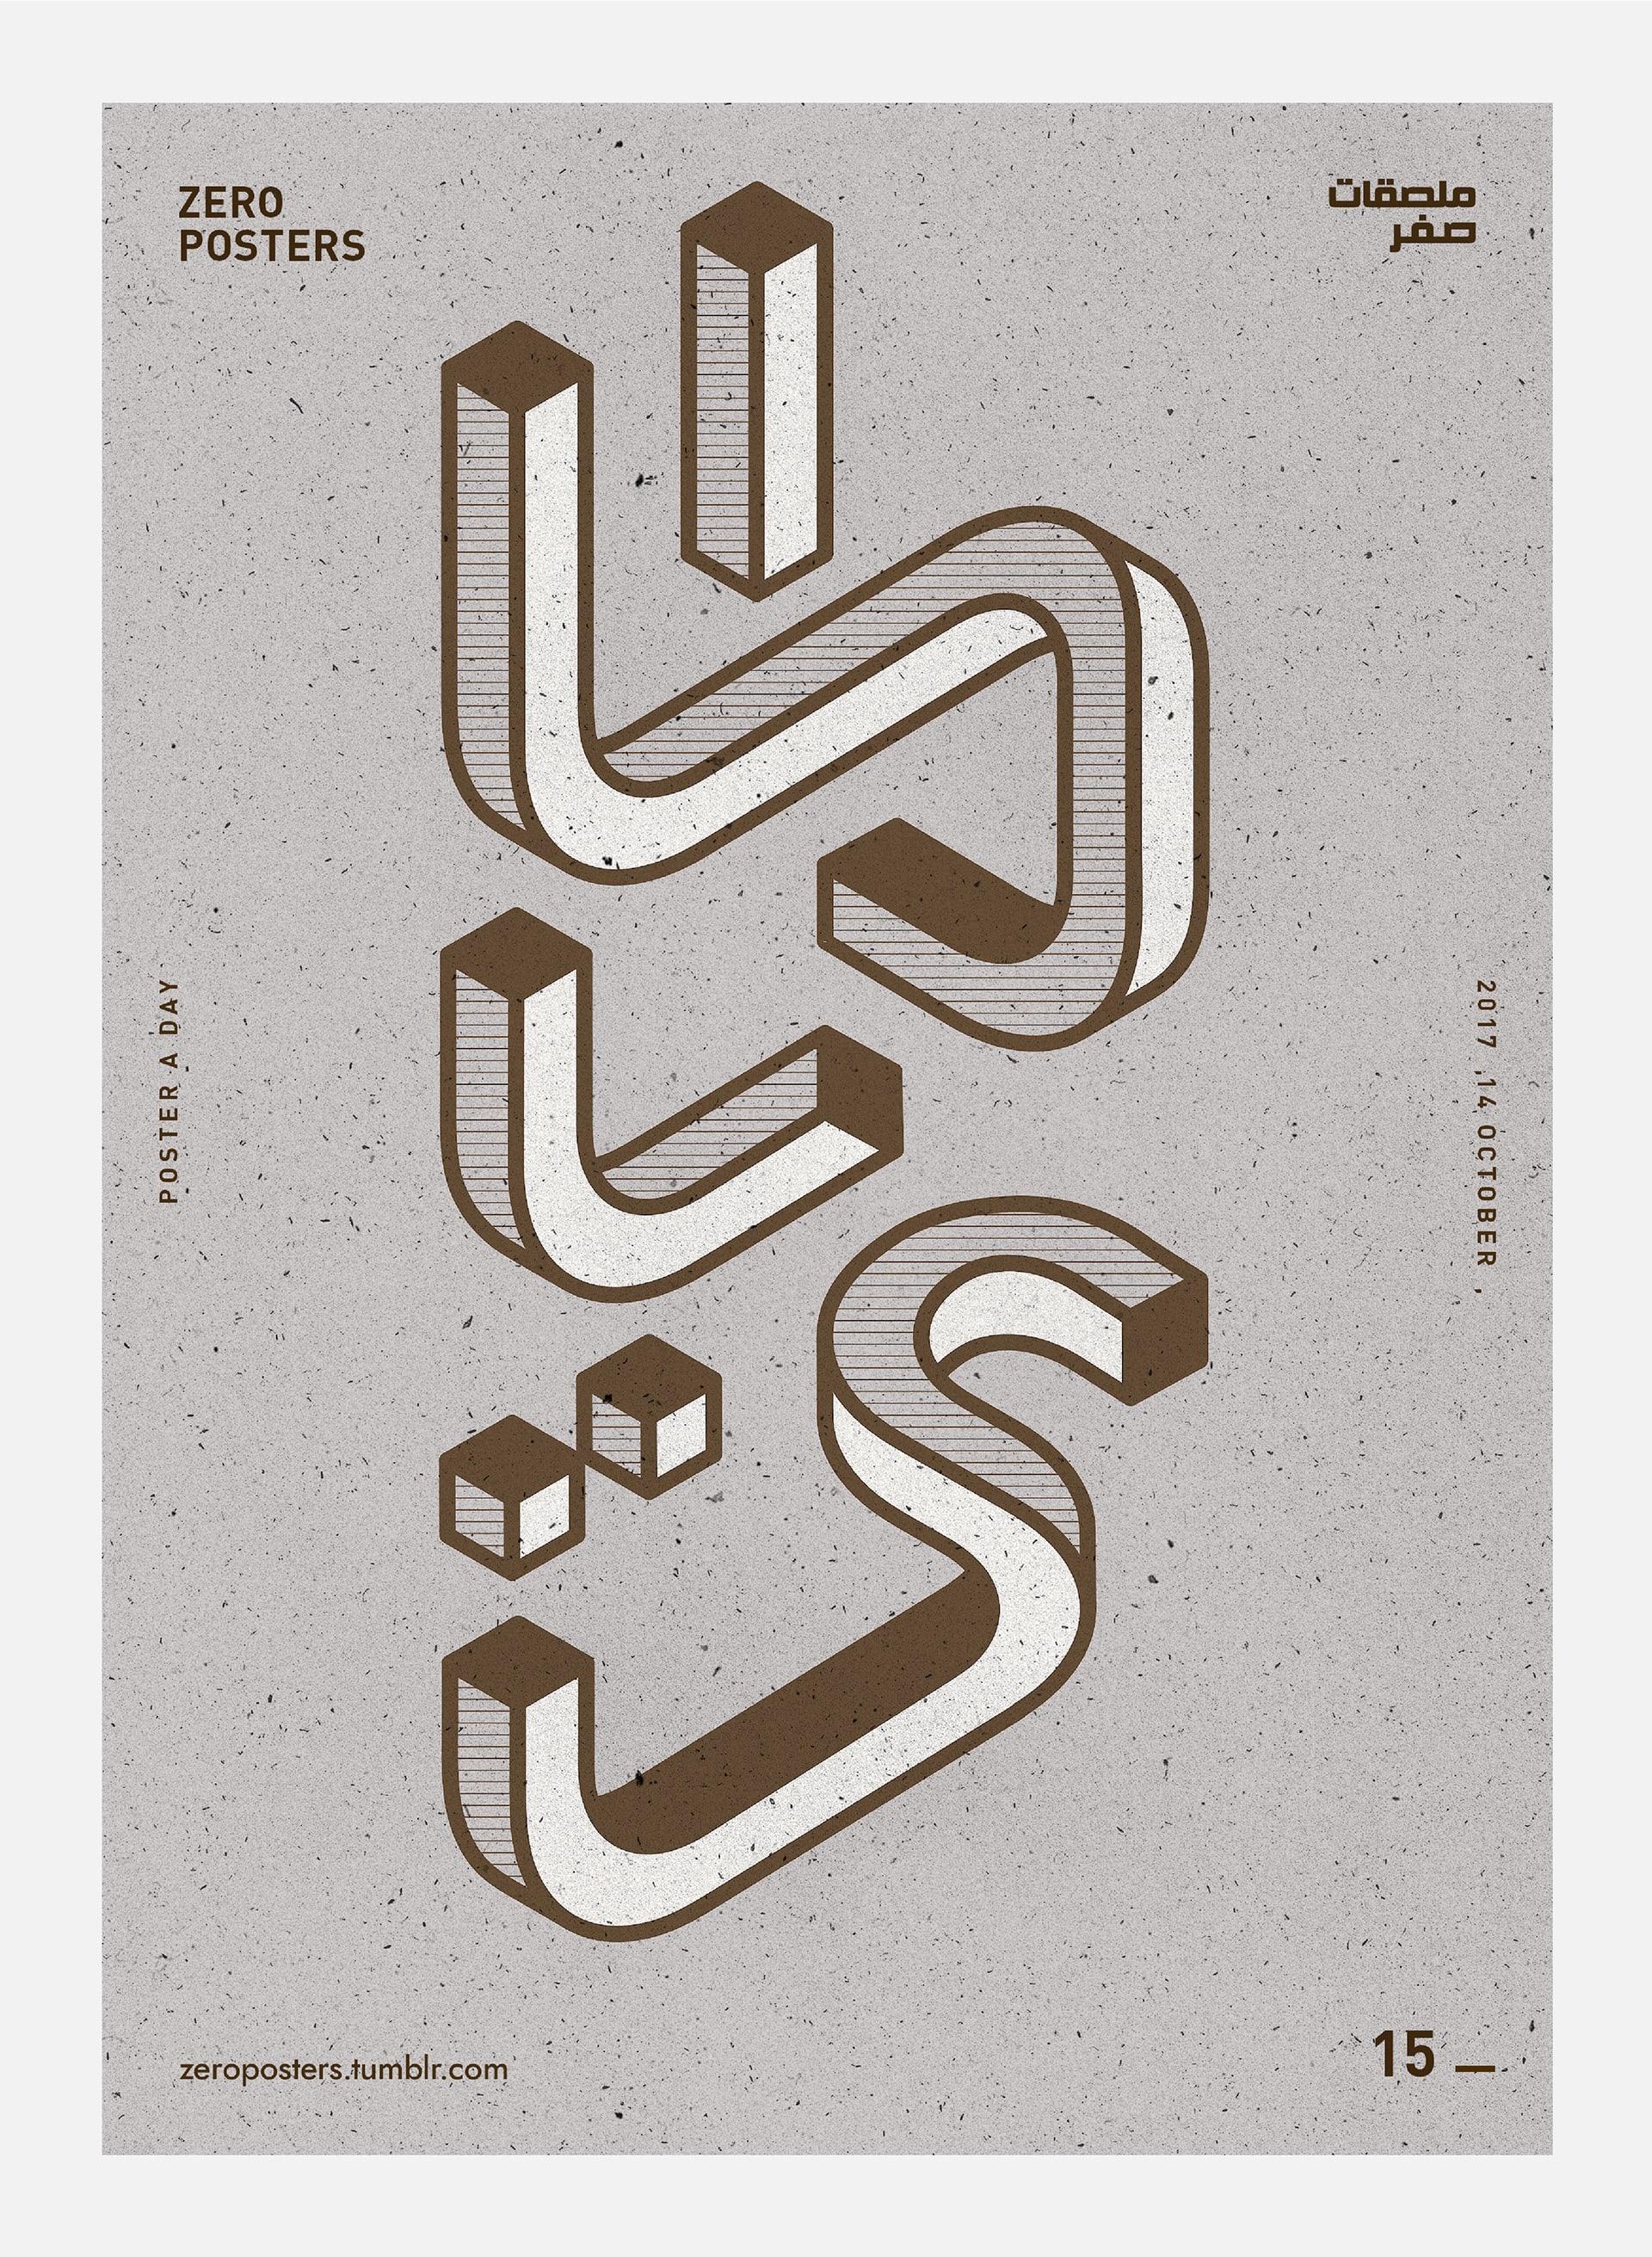 创意实验平台: Zero Posters新的海报设计形式探索